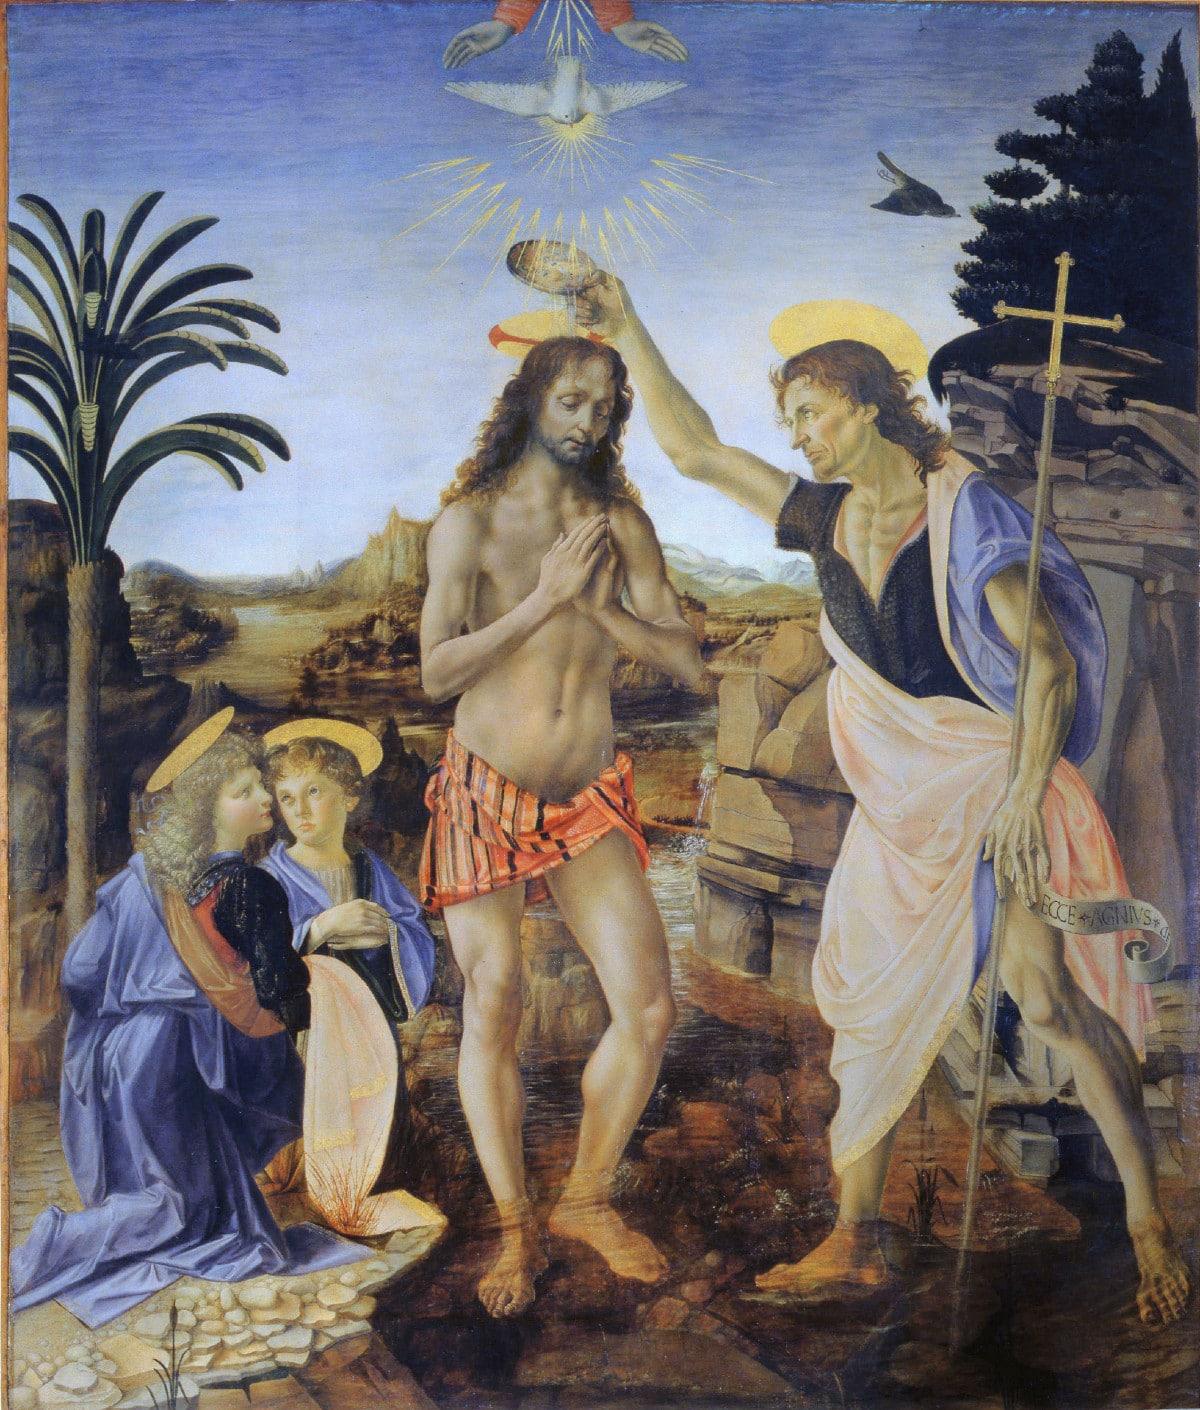 San Juan Bautista, Leonardo DaVinci, Religión, Biblia, arte